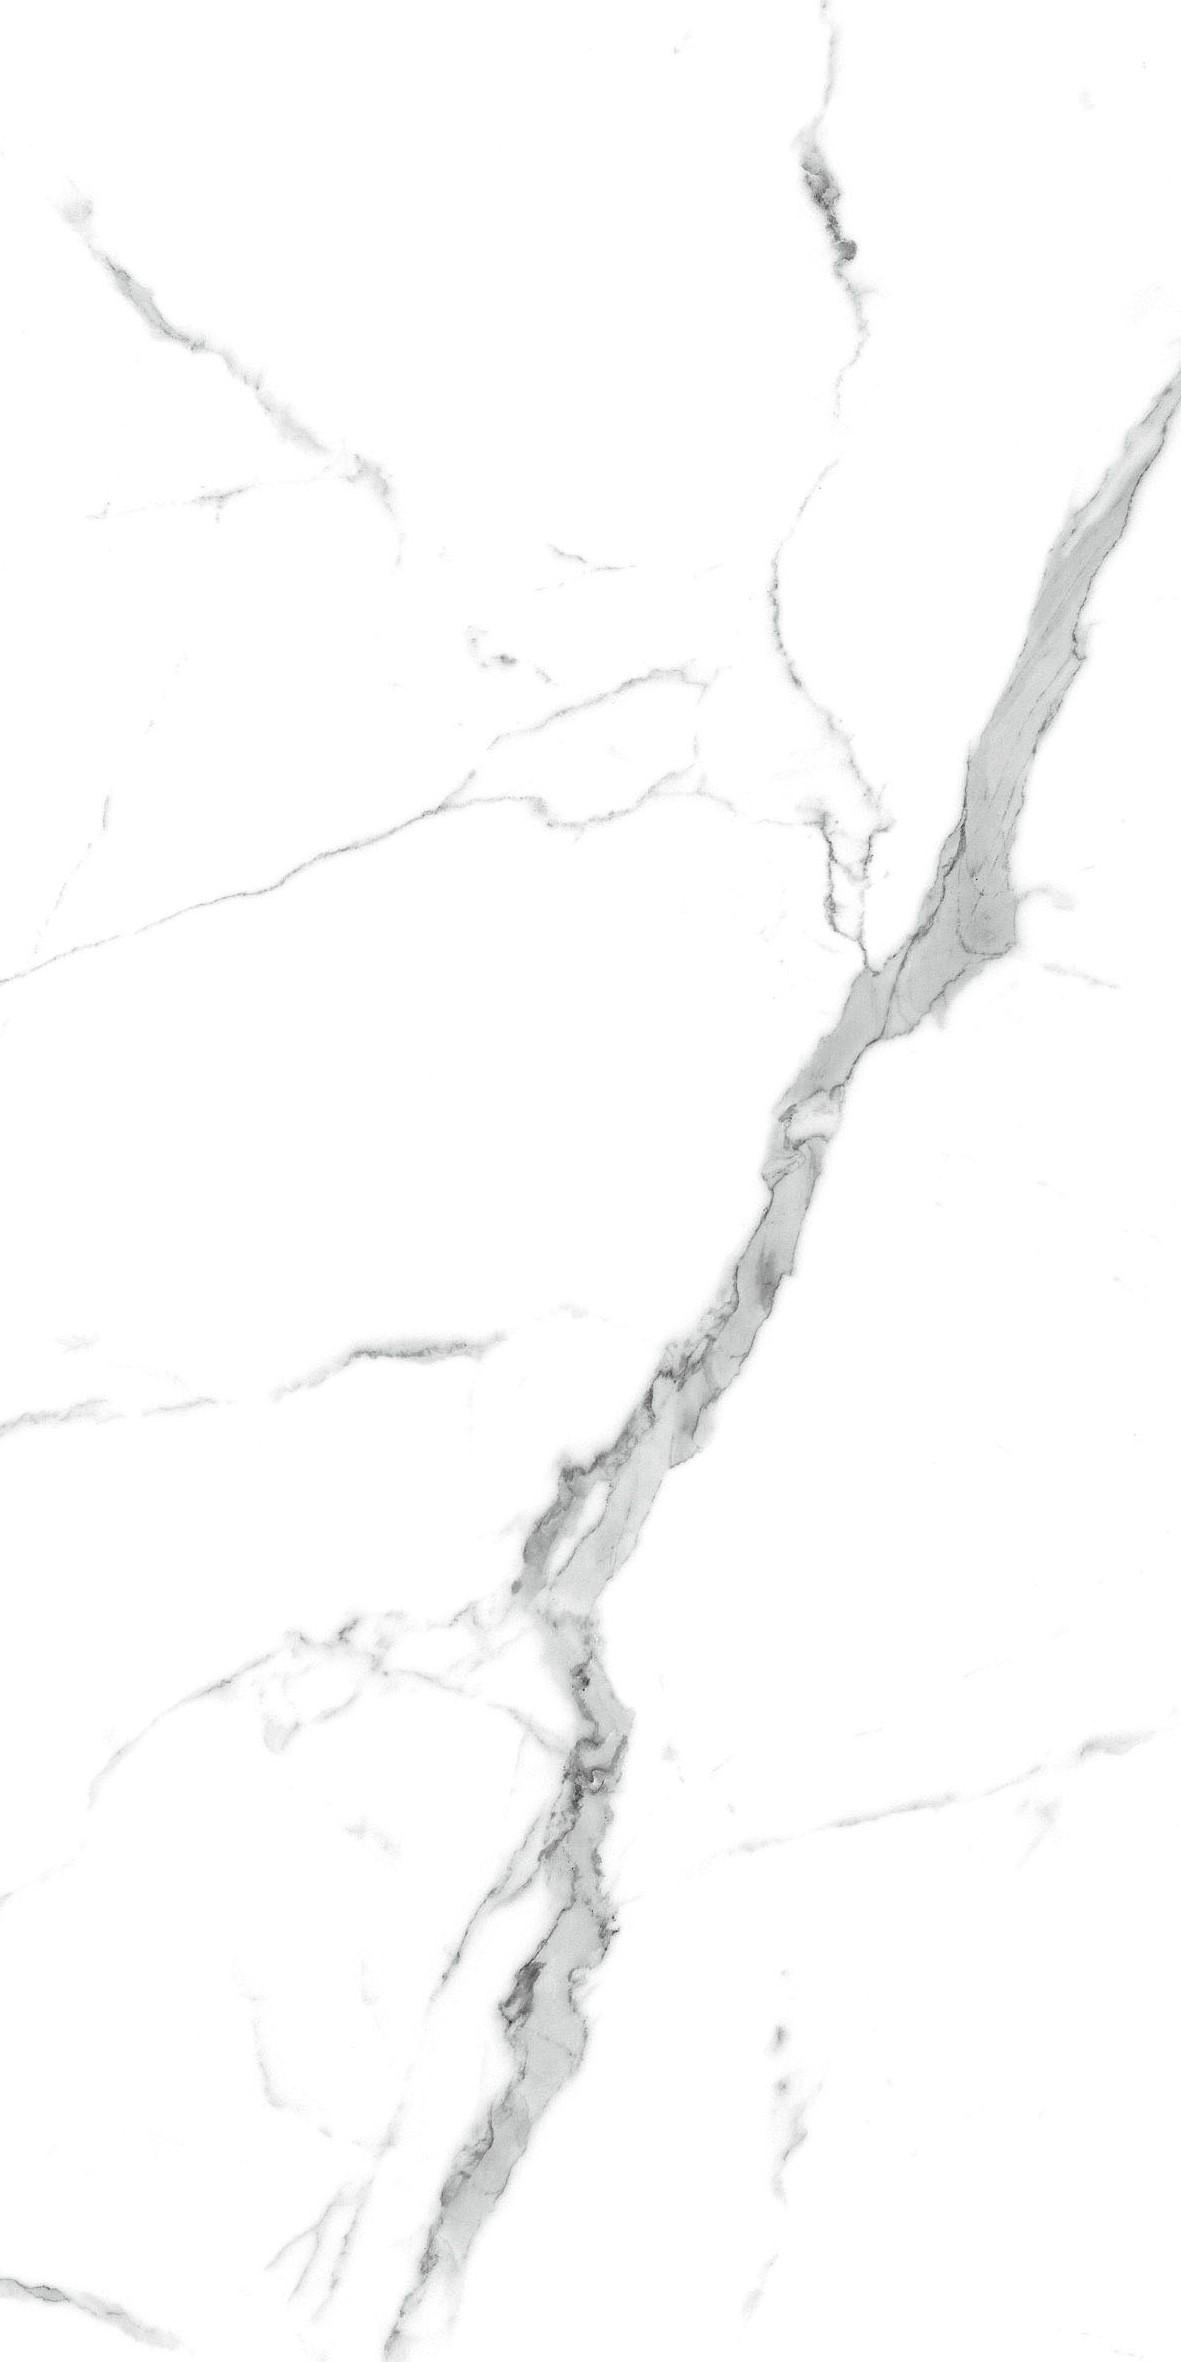 雪花雕像白